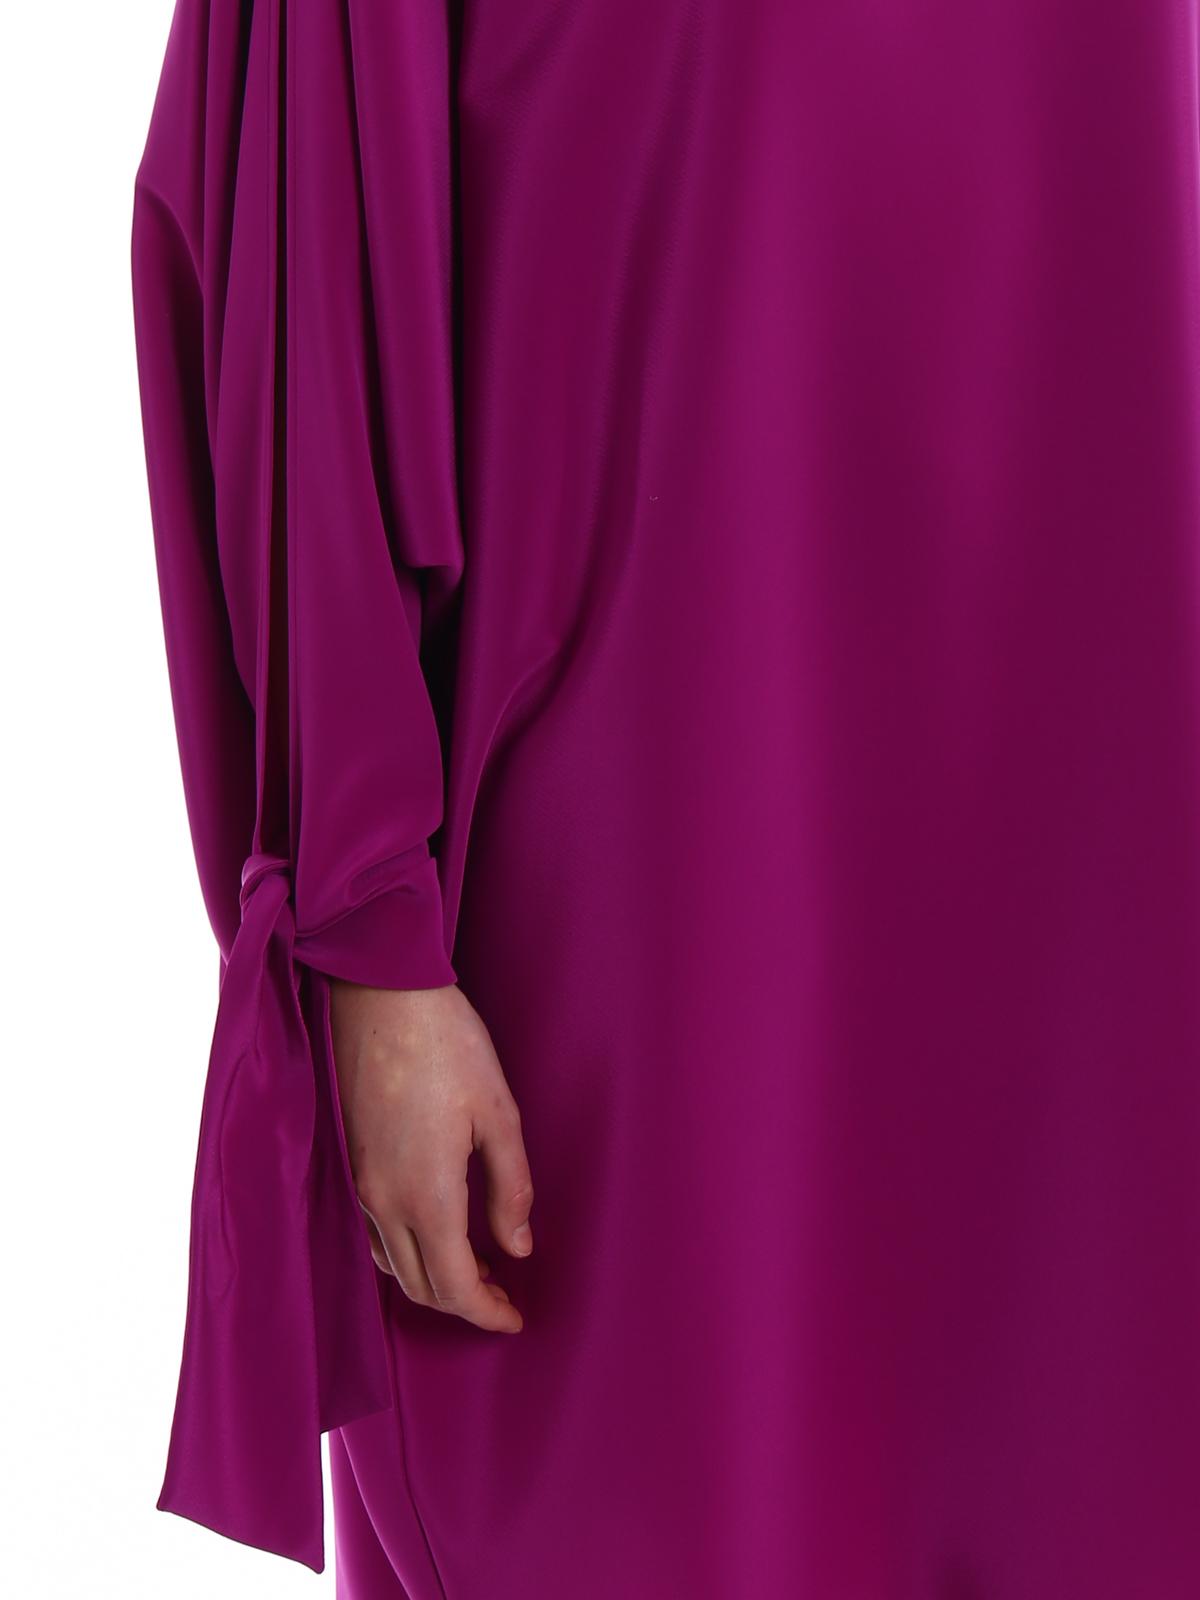 ad1f498c1bd Gianluca Capannolo - Robe De Cocktail - Violet - Robe de cocktail ...